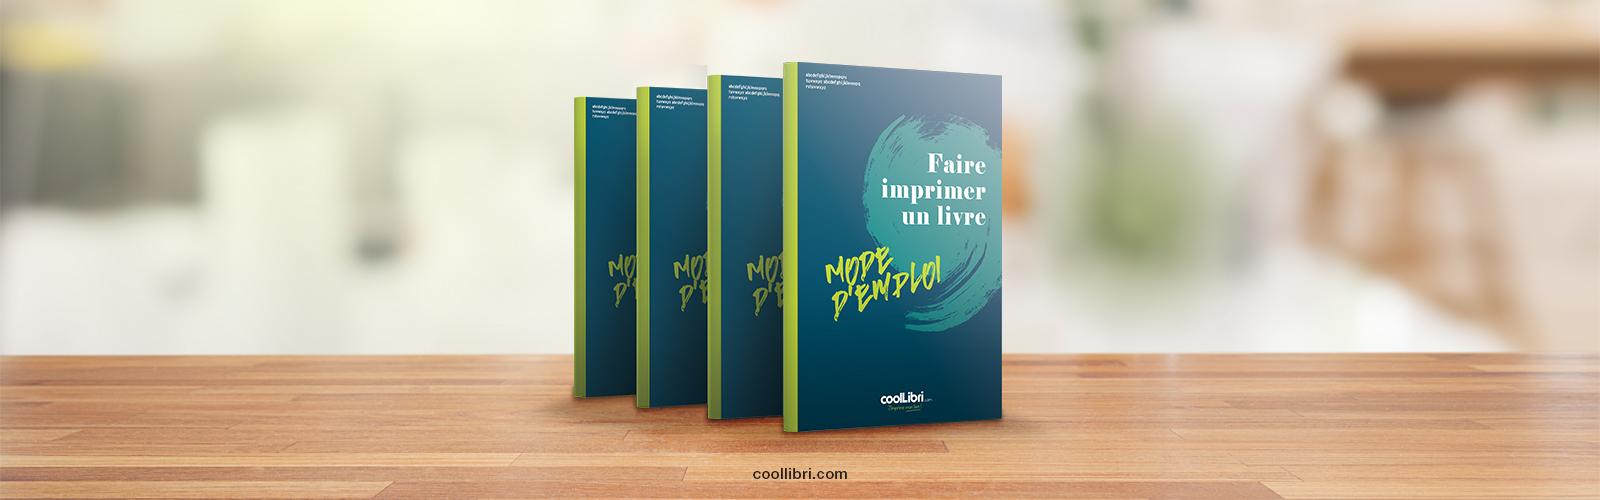 Faire Imprimer Un Livre : Le Mode D'emploi Pour Les Auteurs avec Imprimer Un Livre Gratuitement